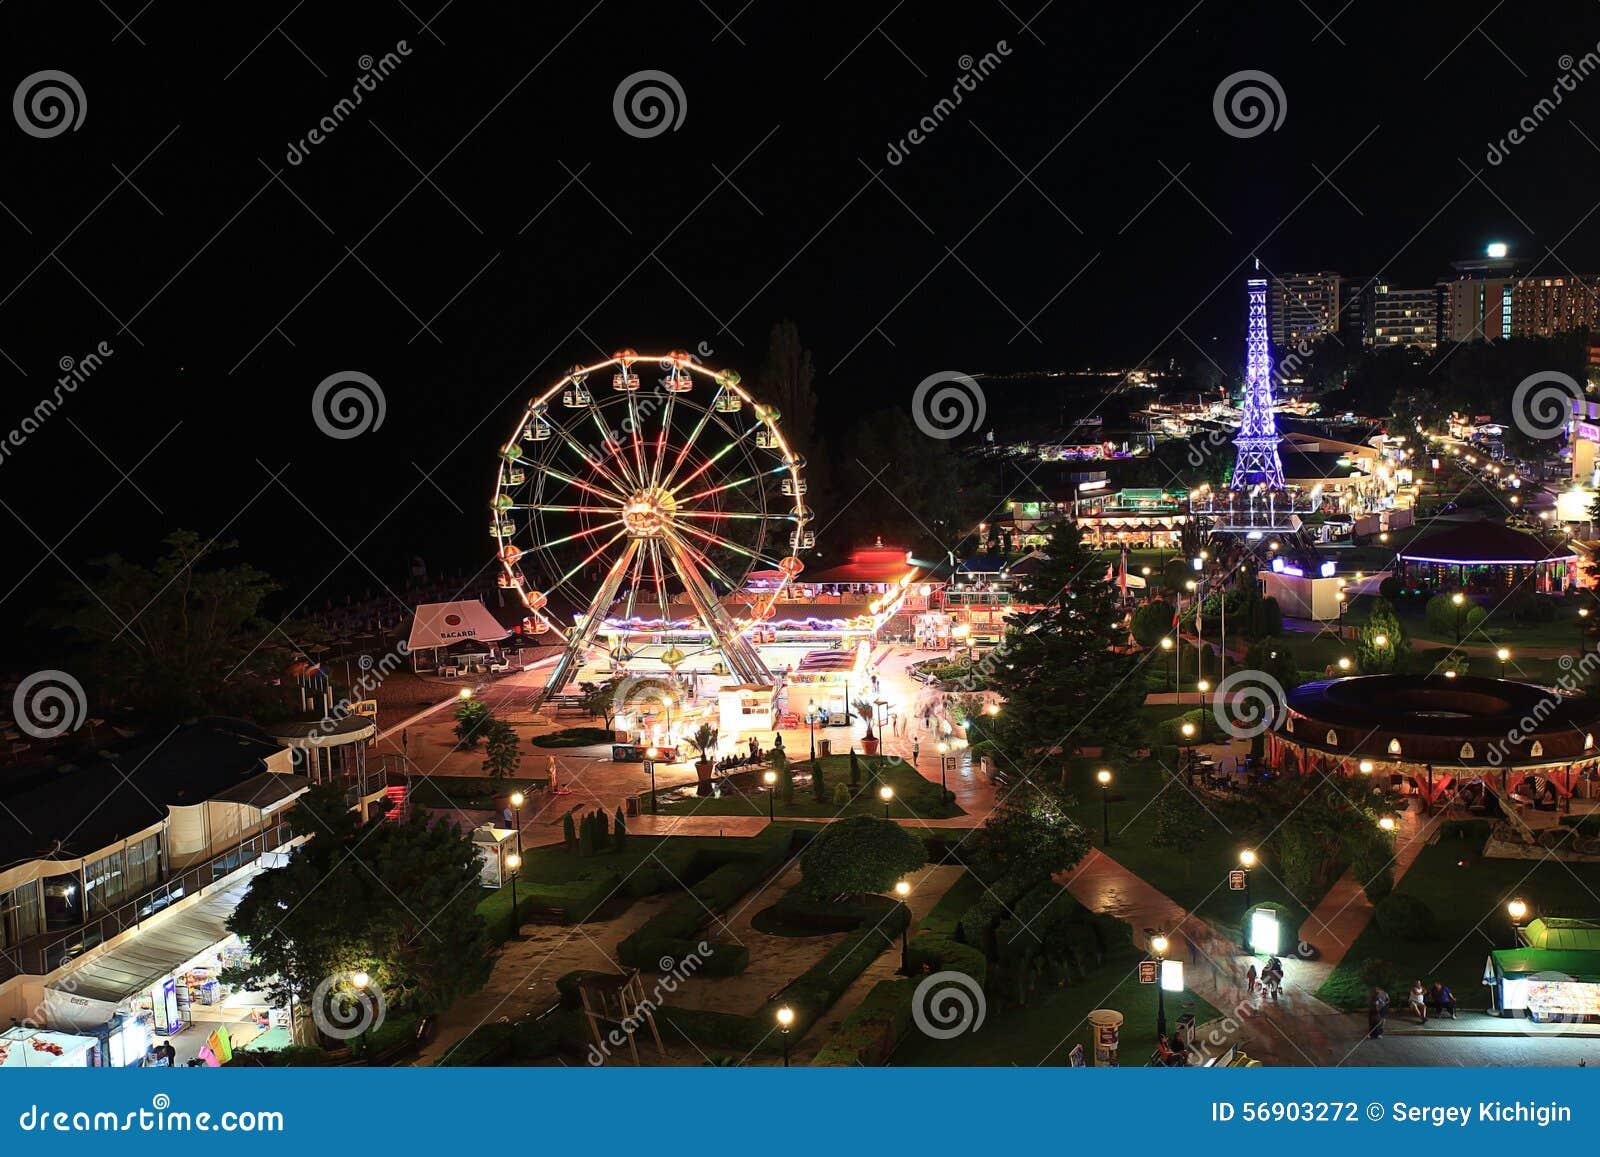 επιτραπέζια χρήση φωτογραφιών νύχτας τοπίων εγκαταστάσεων εικόνας ανασκόπησης όμορφη